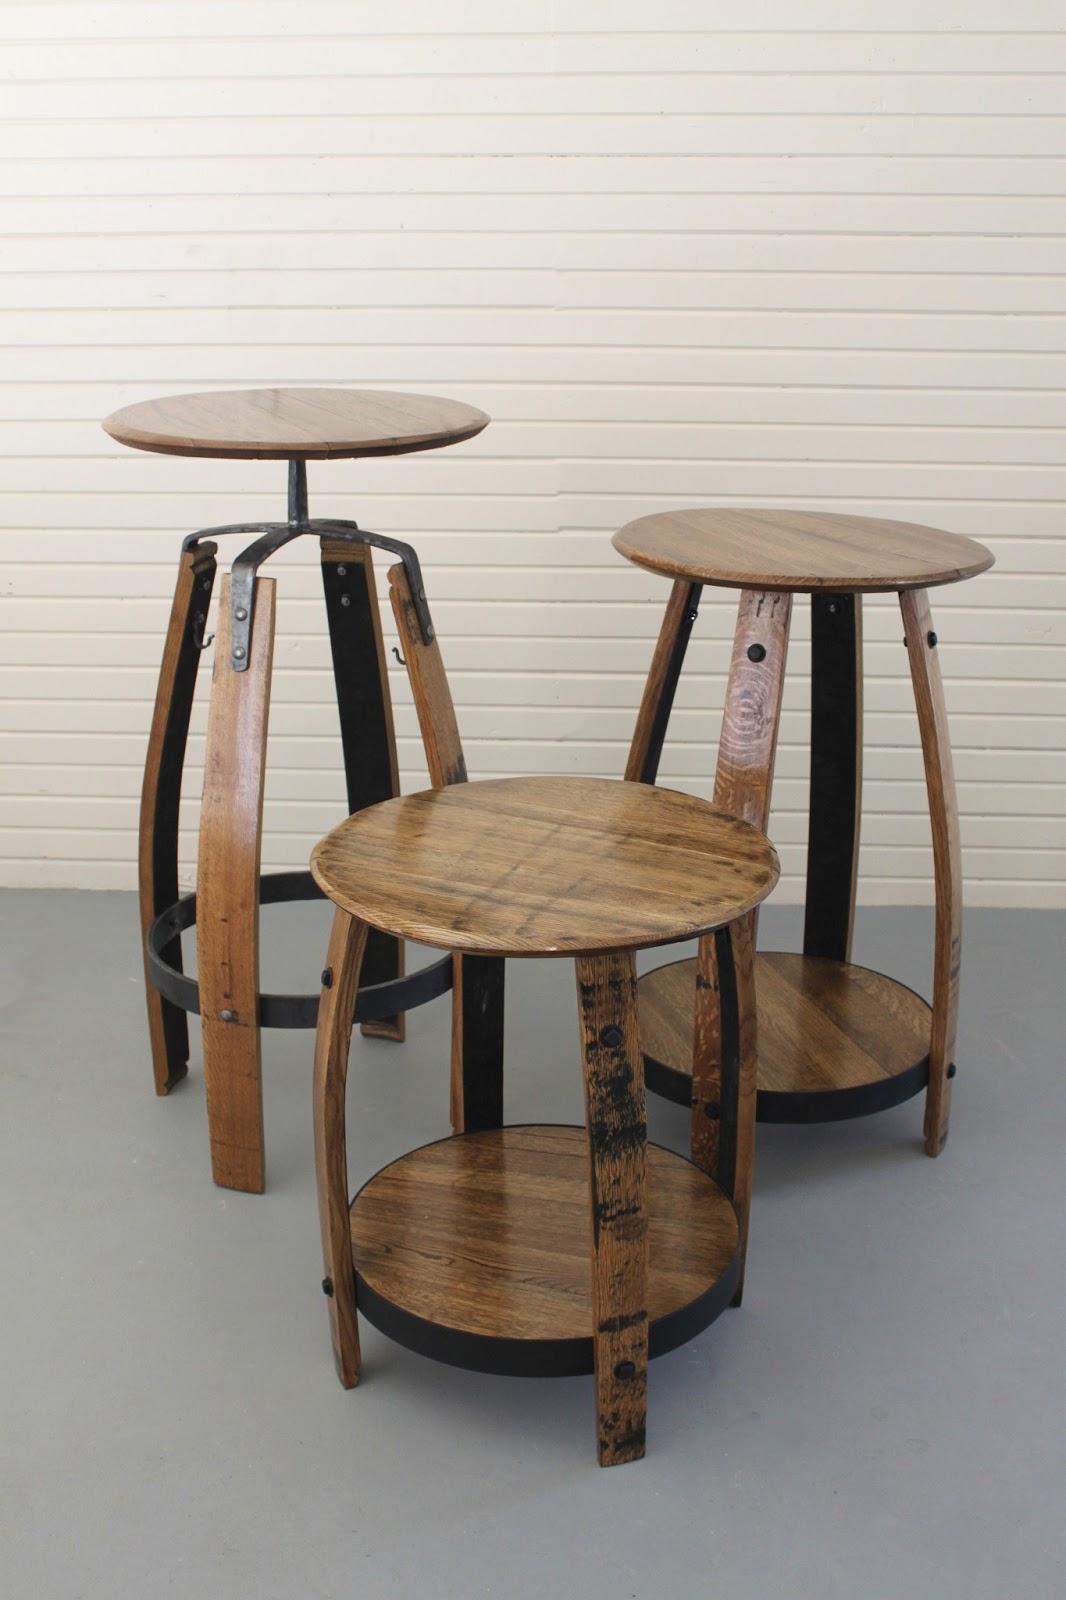 Maynard studios small batch furniture™ by